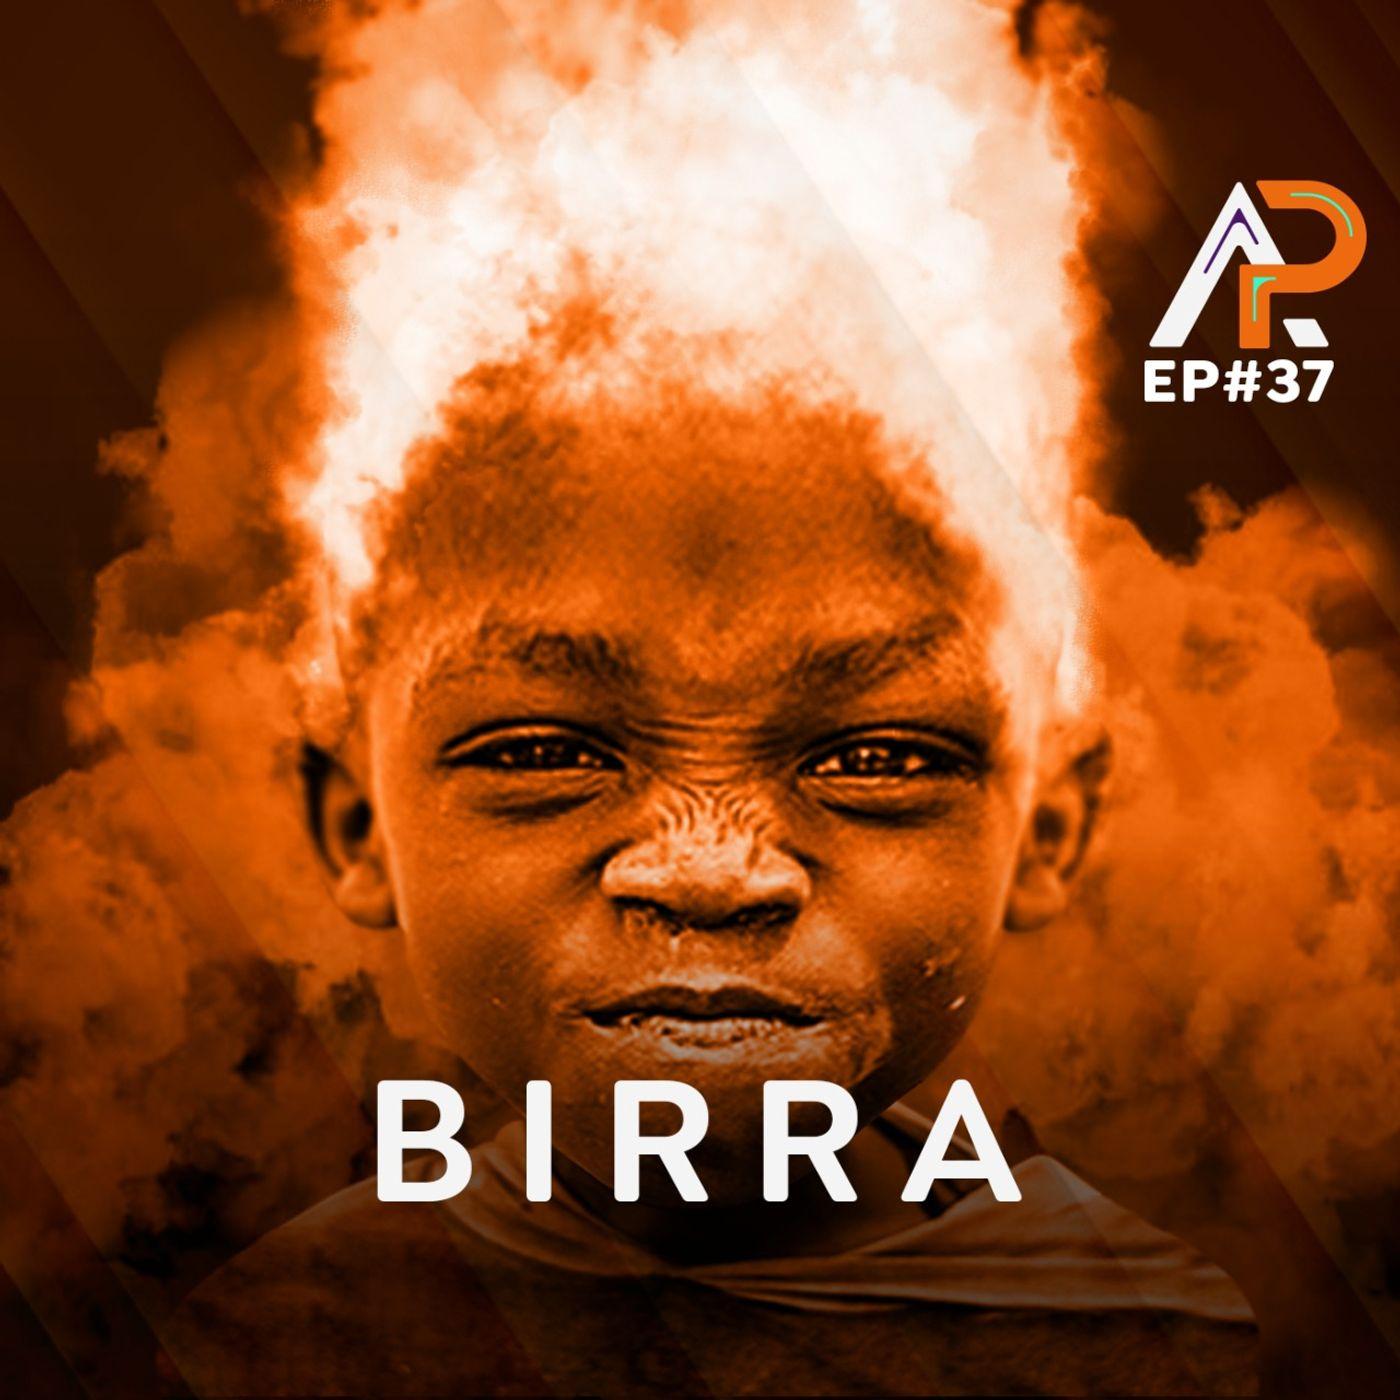 037 - Birra